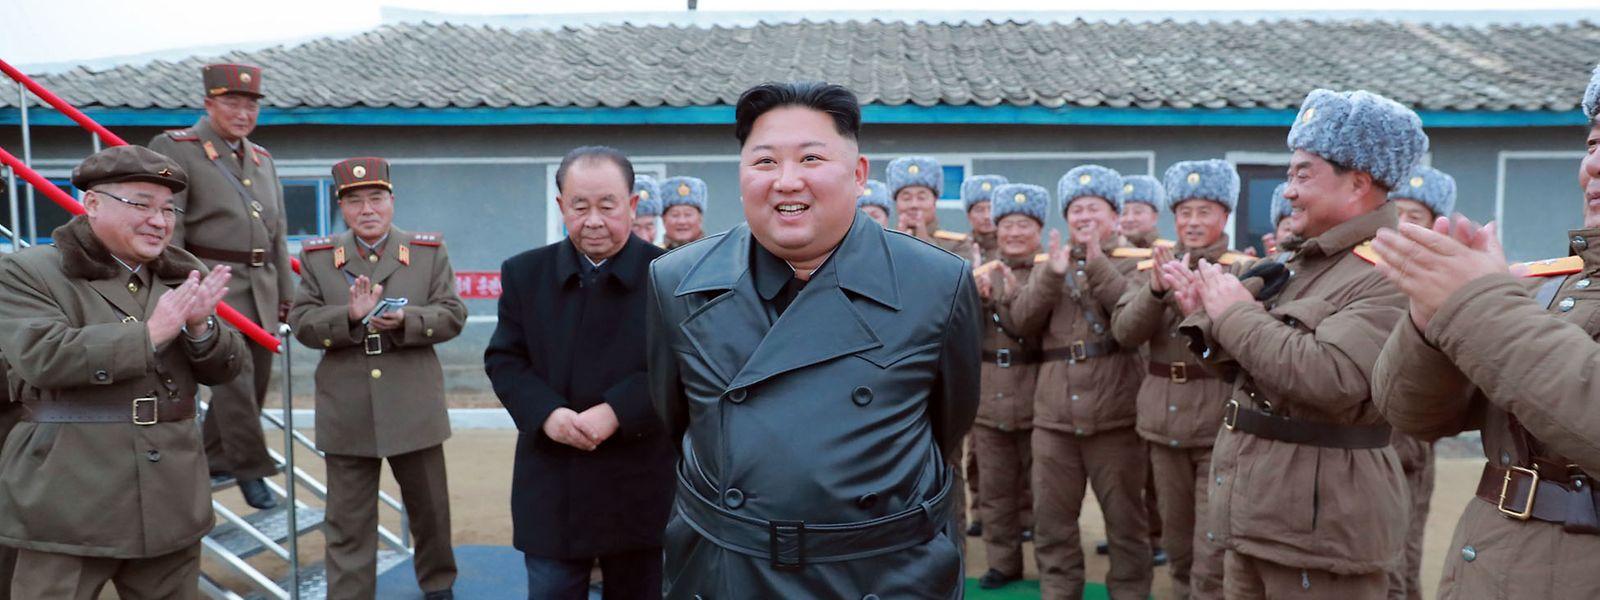 Dieses undatierte von der staatlichen nordkoreanischen Nachrichtenagentur KCNA zur Verfügung gestellte Foto zeigt Kim Jong Un, der von Mitgliedern des Militärs begrüßt wird und angeblich einen Raketentest verfolgt.